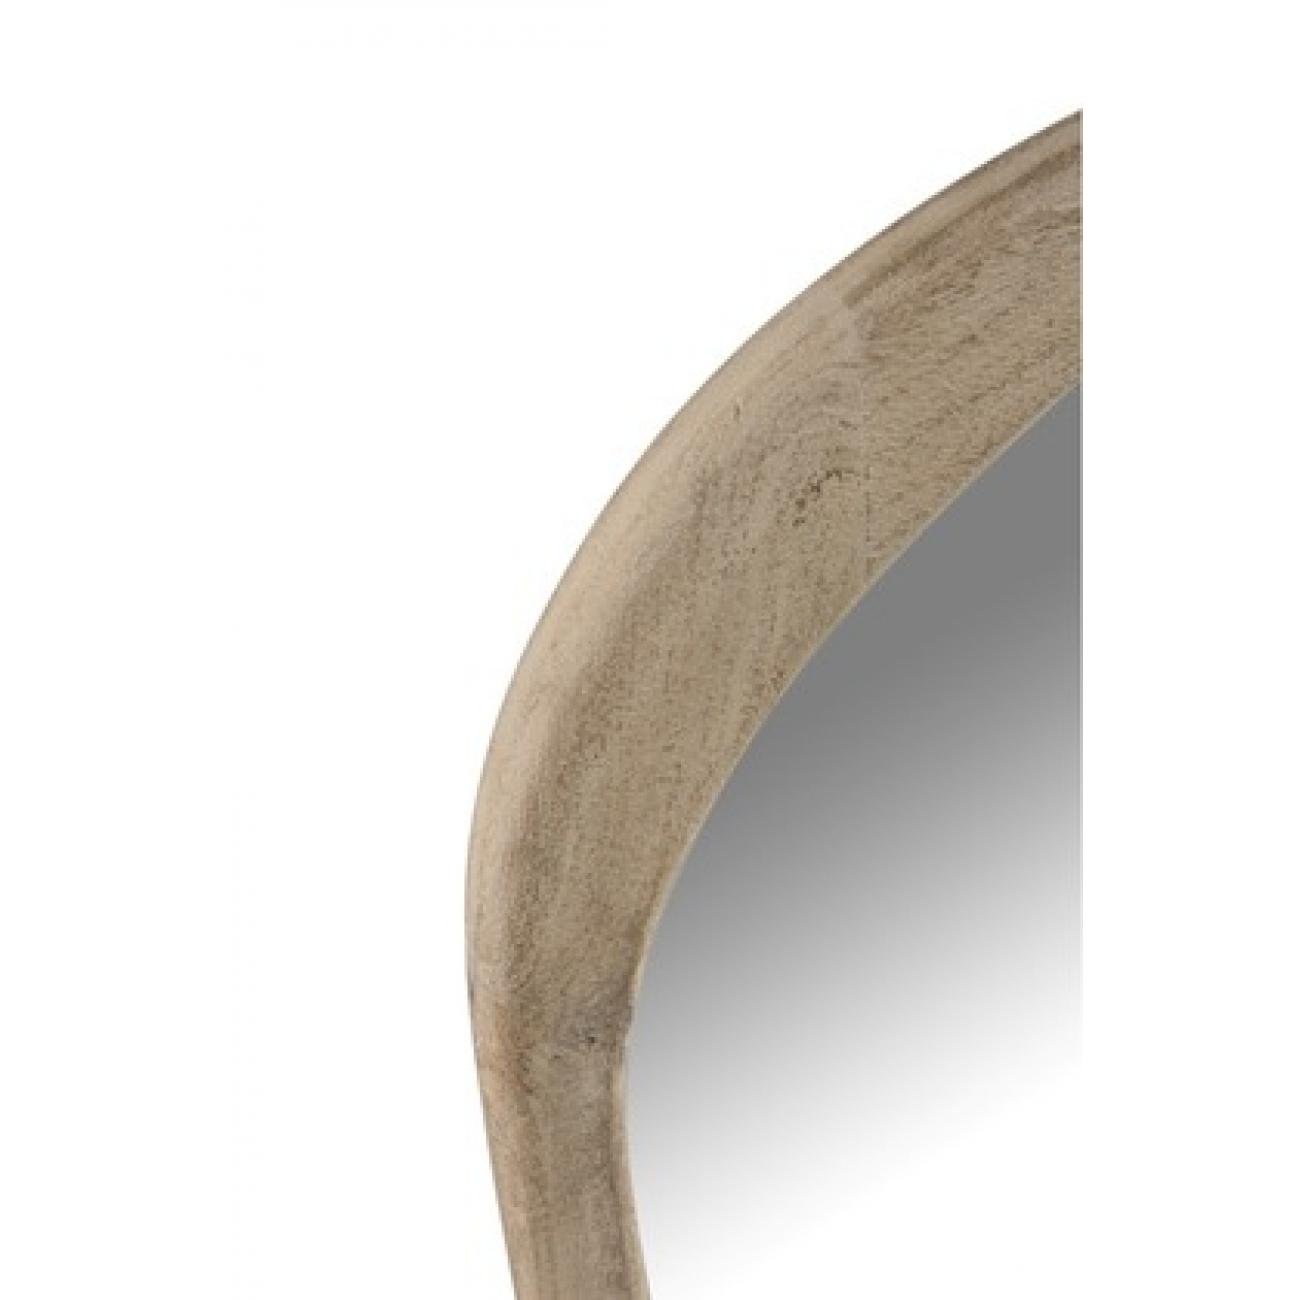 Зеркало J-LINE настенное фигурное в раме из натурального дерева манго в серо коричневых оттенках 83х51 см Бельгия